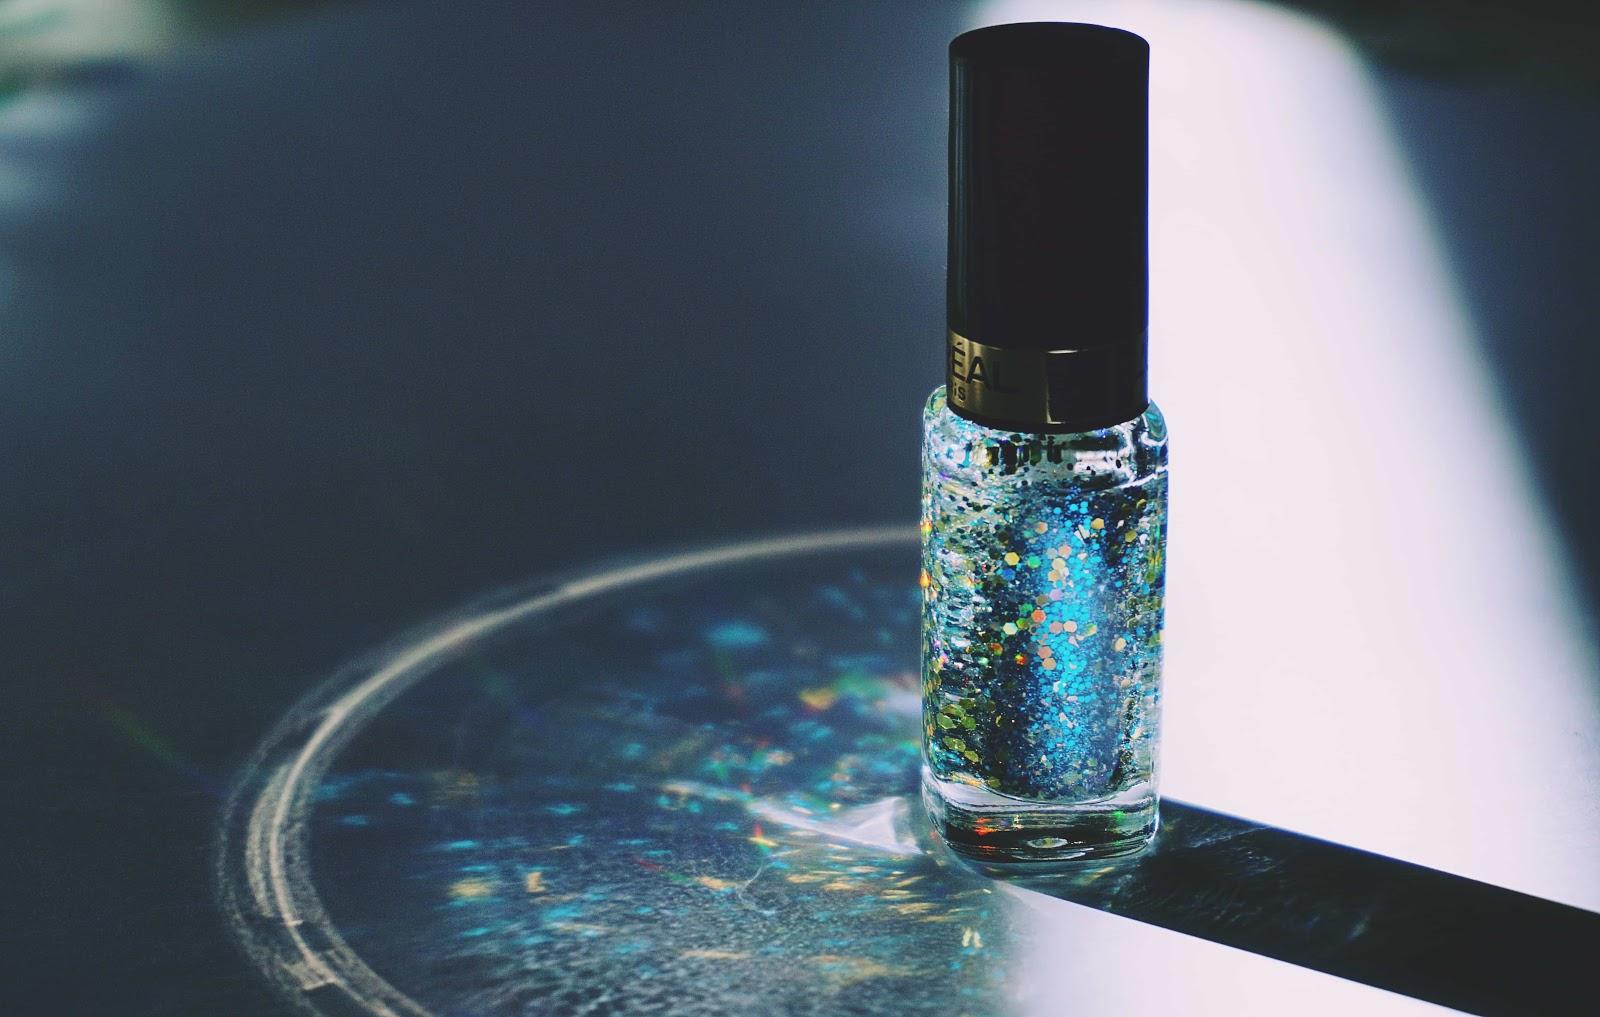 Dry the nail polish